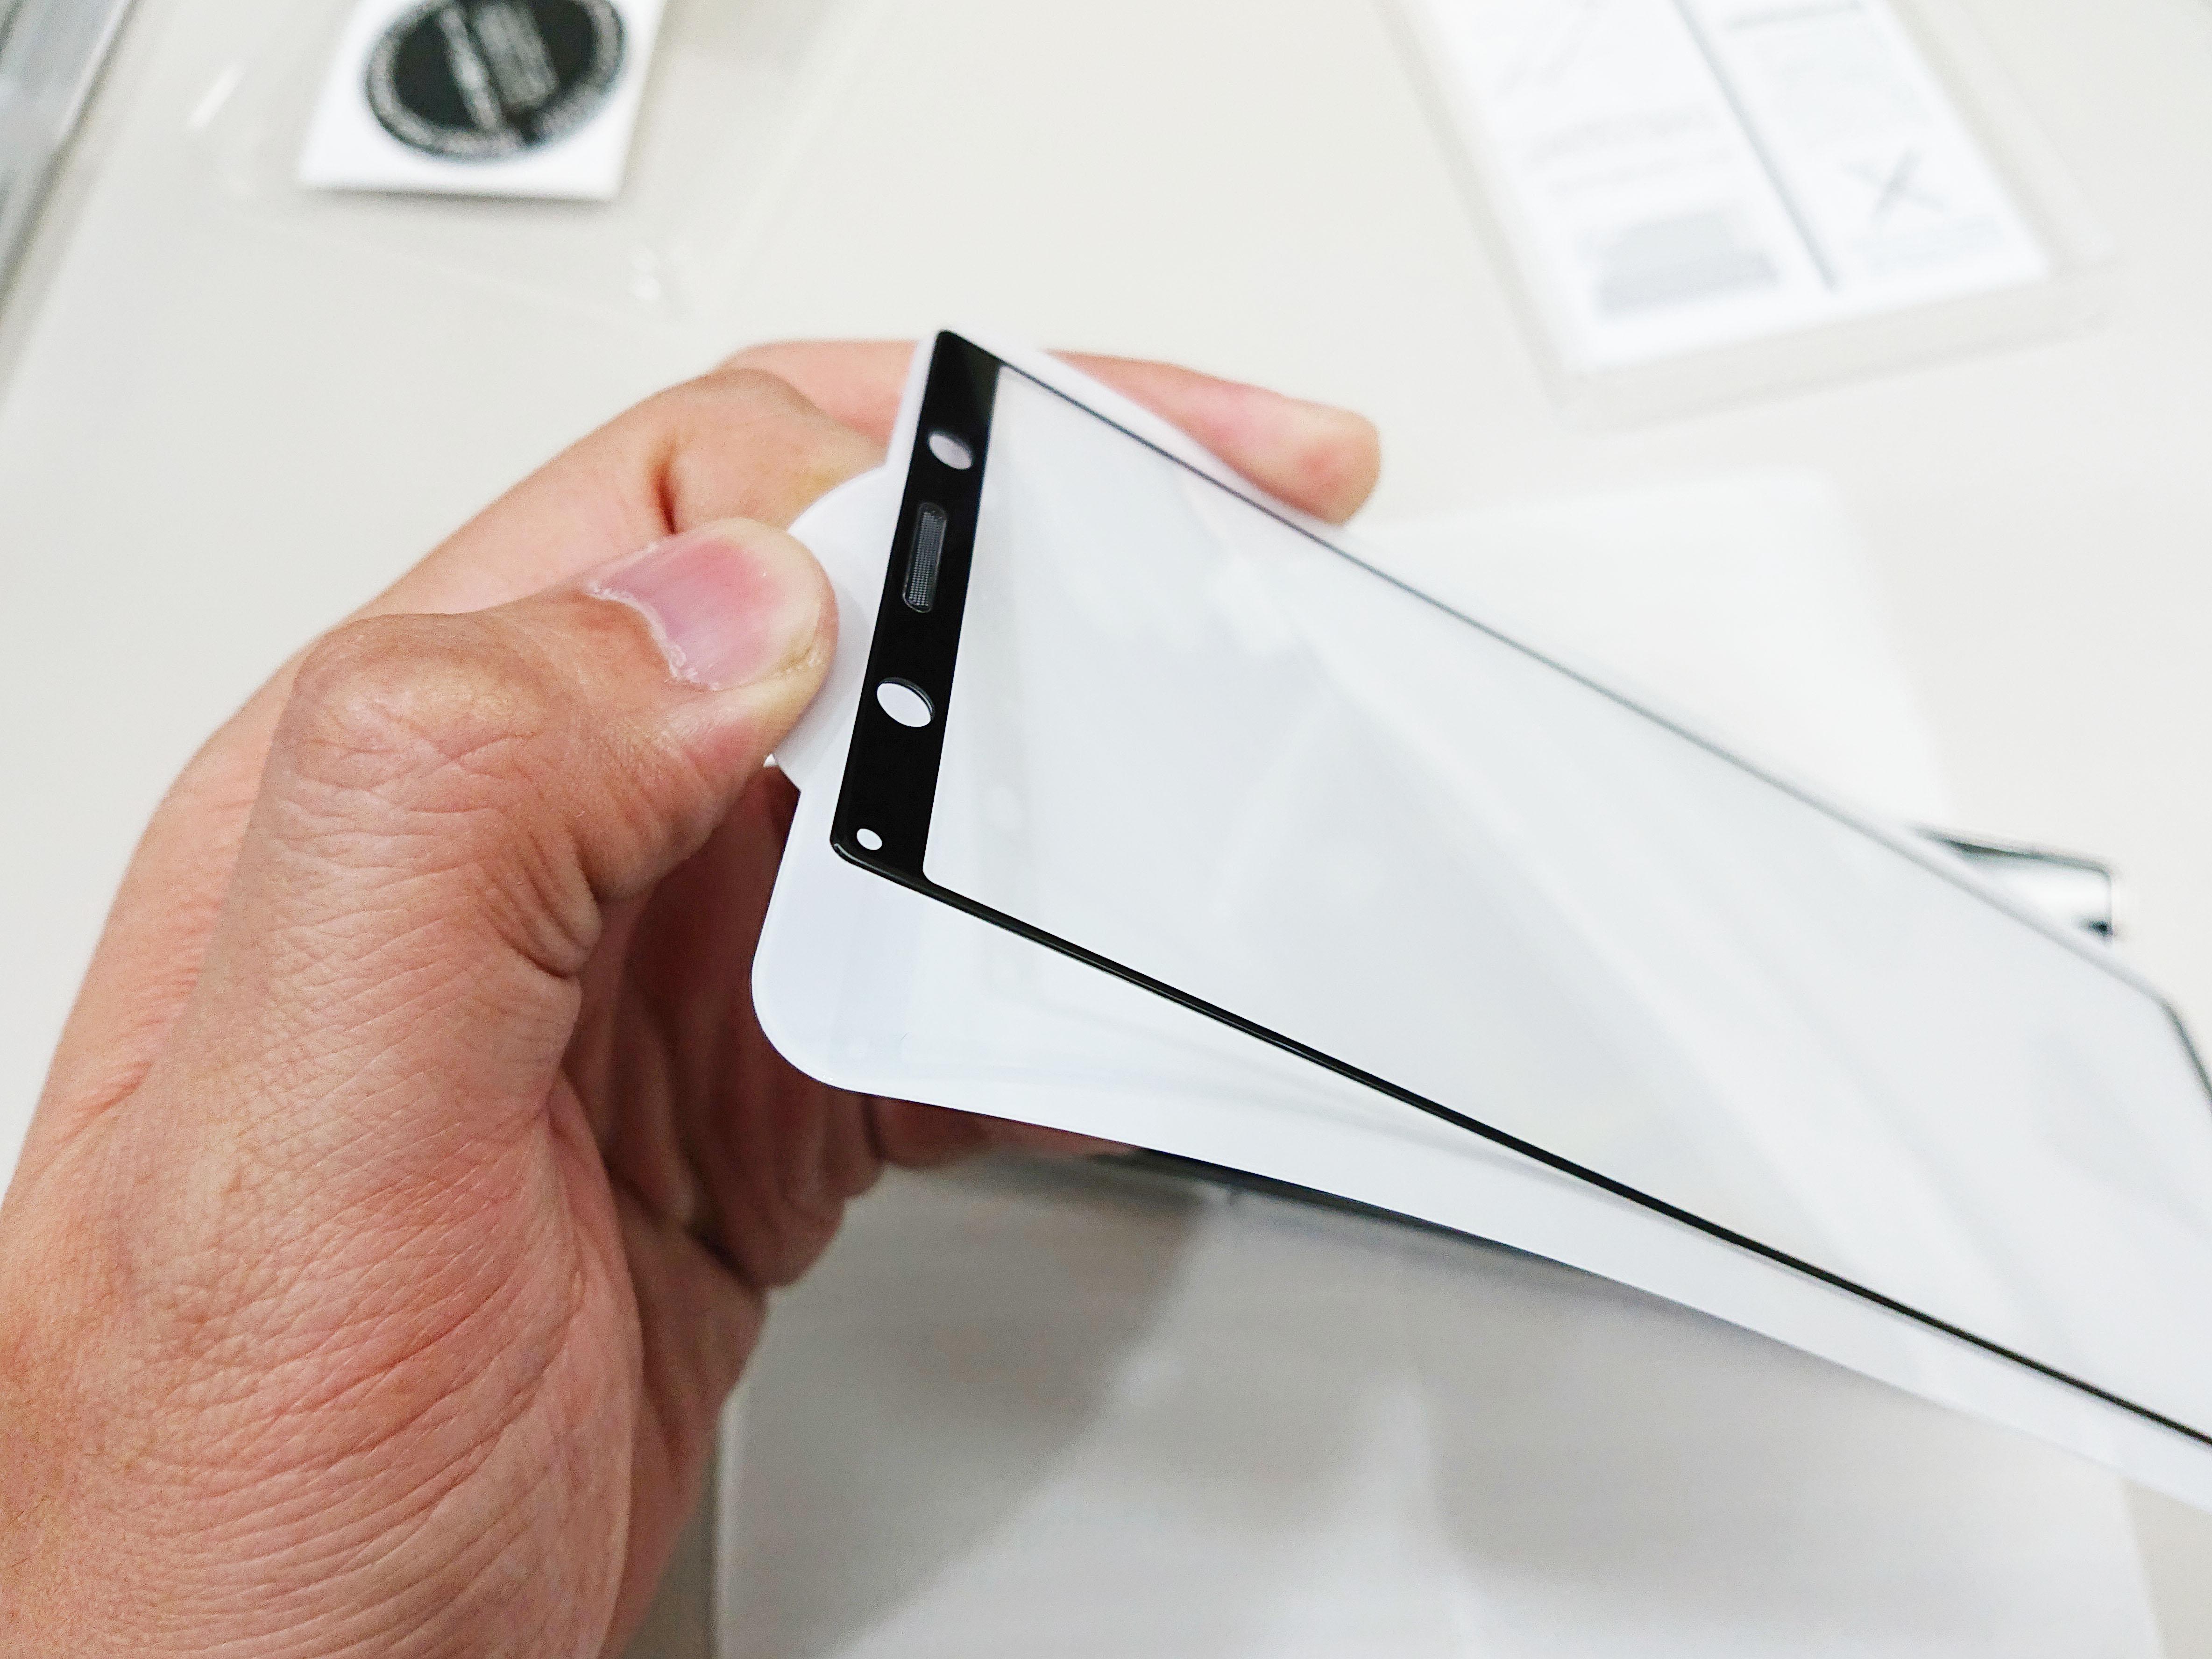 「開箱分享」Xperia 5 吃香蕉,日系配件品牌 Rasta Banana 滿版玻璃保護貼、電鍍殼配件 - 4